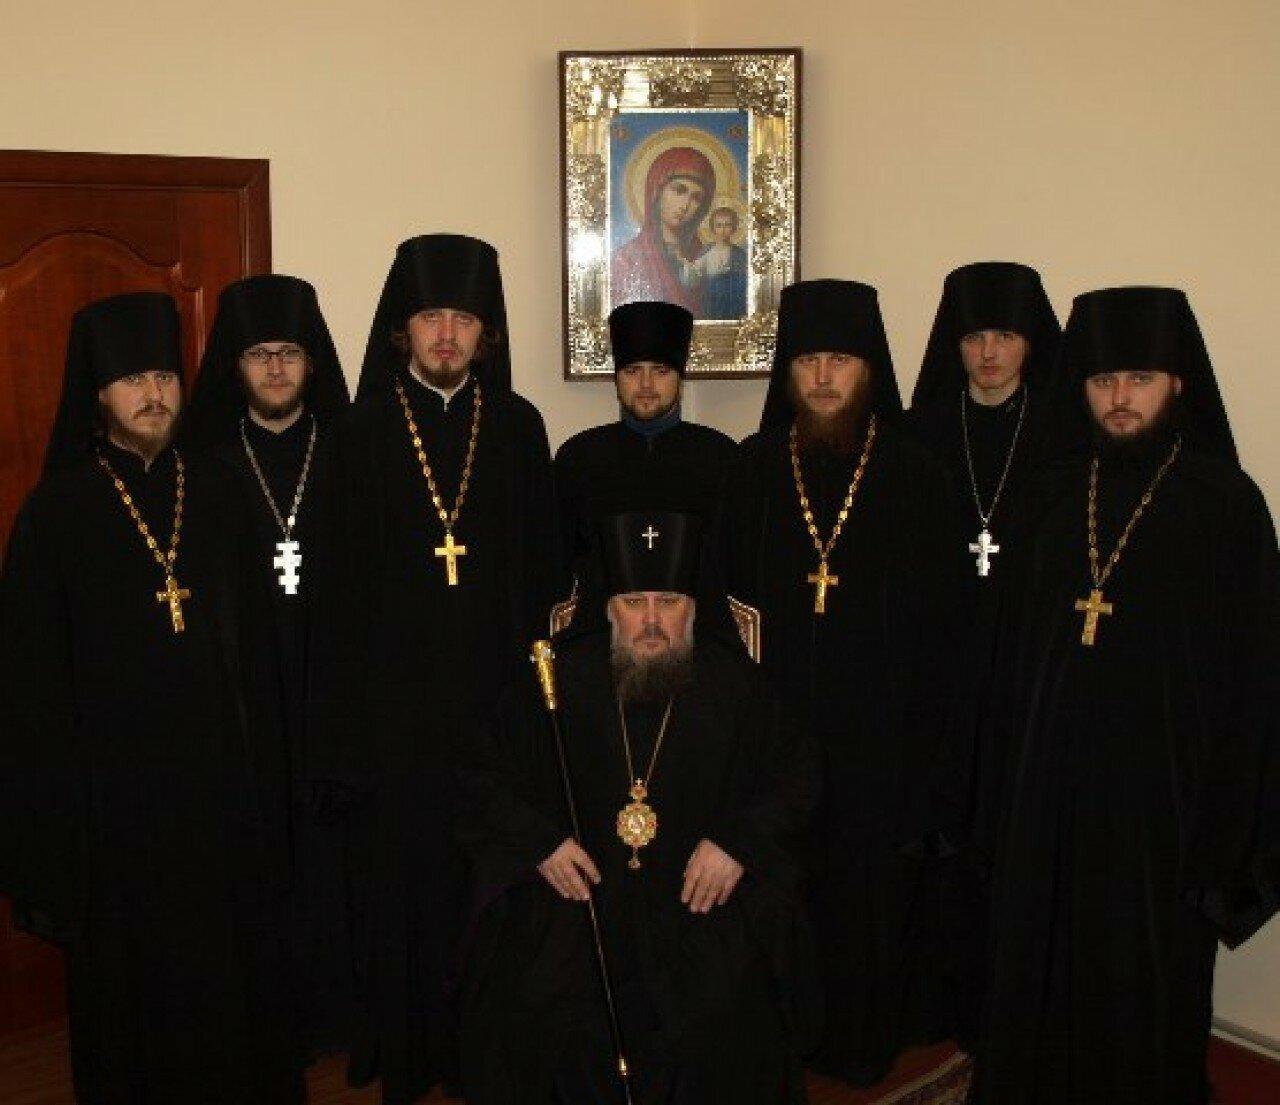 Манявський Монастир Братія; Митрополит Іоасаф